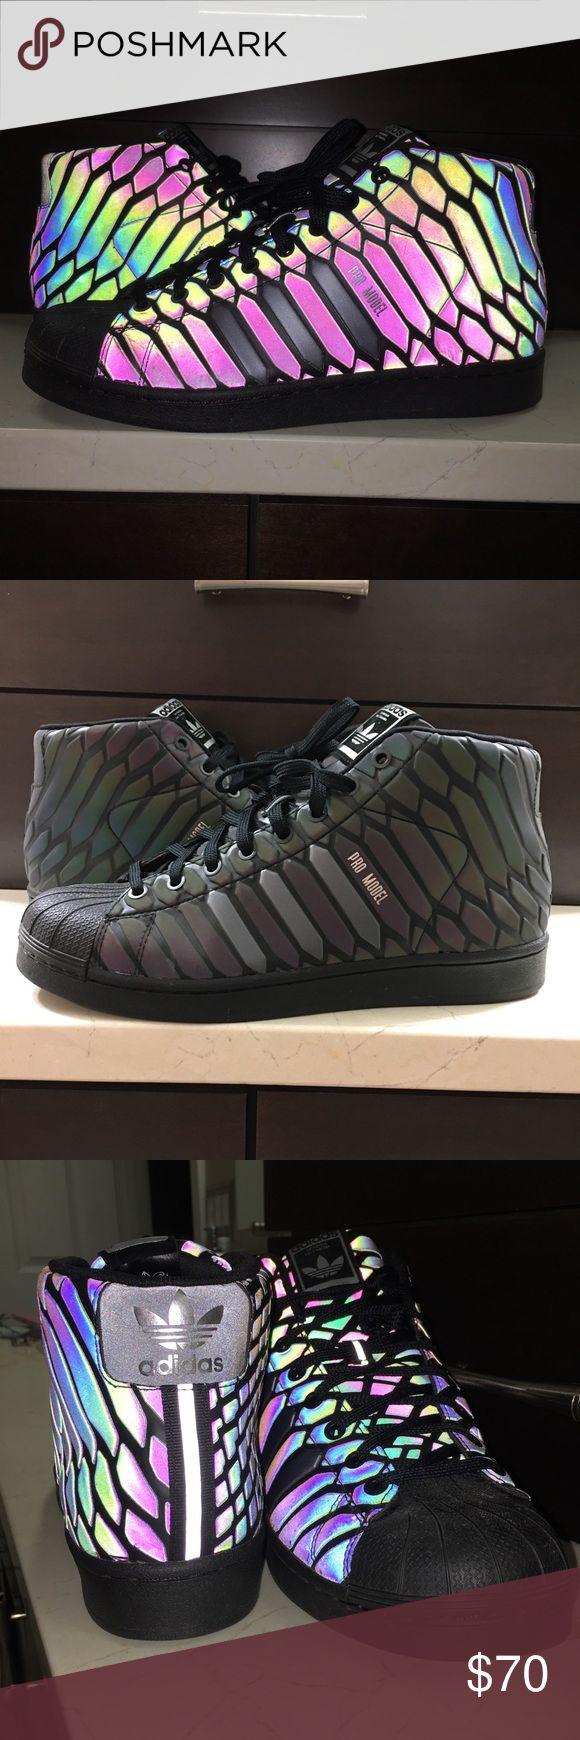 Adidas Xeno Pro Model Shoes